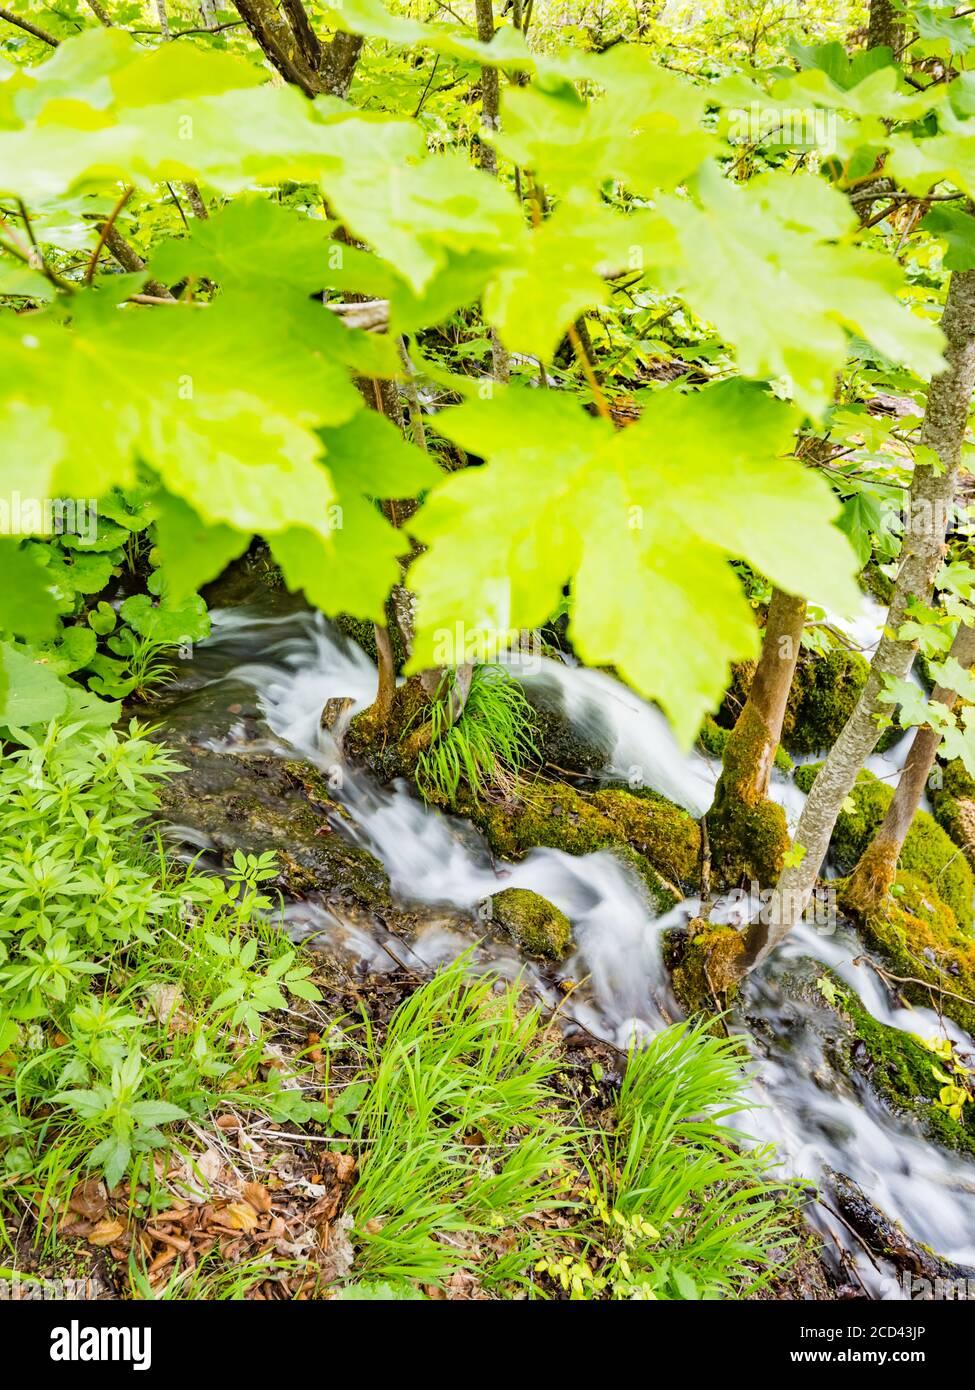 Parque nacional Lagos de Plitvice en Croacia Europa flujo de agua pequeño río serpenteante bajo el dosel de árboles de hojas Foto de stock